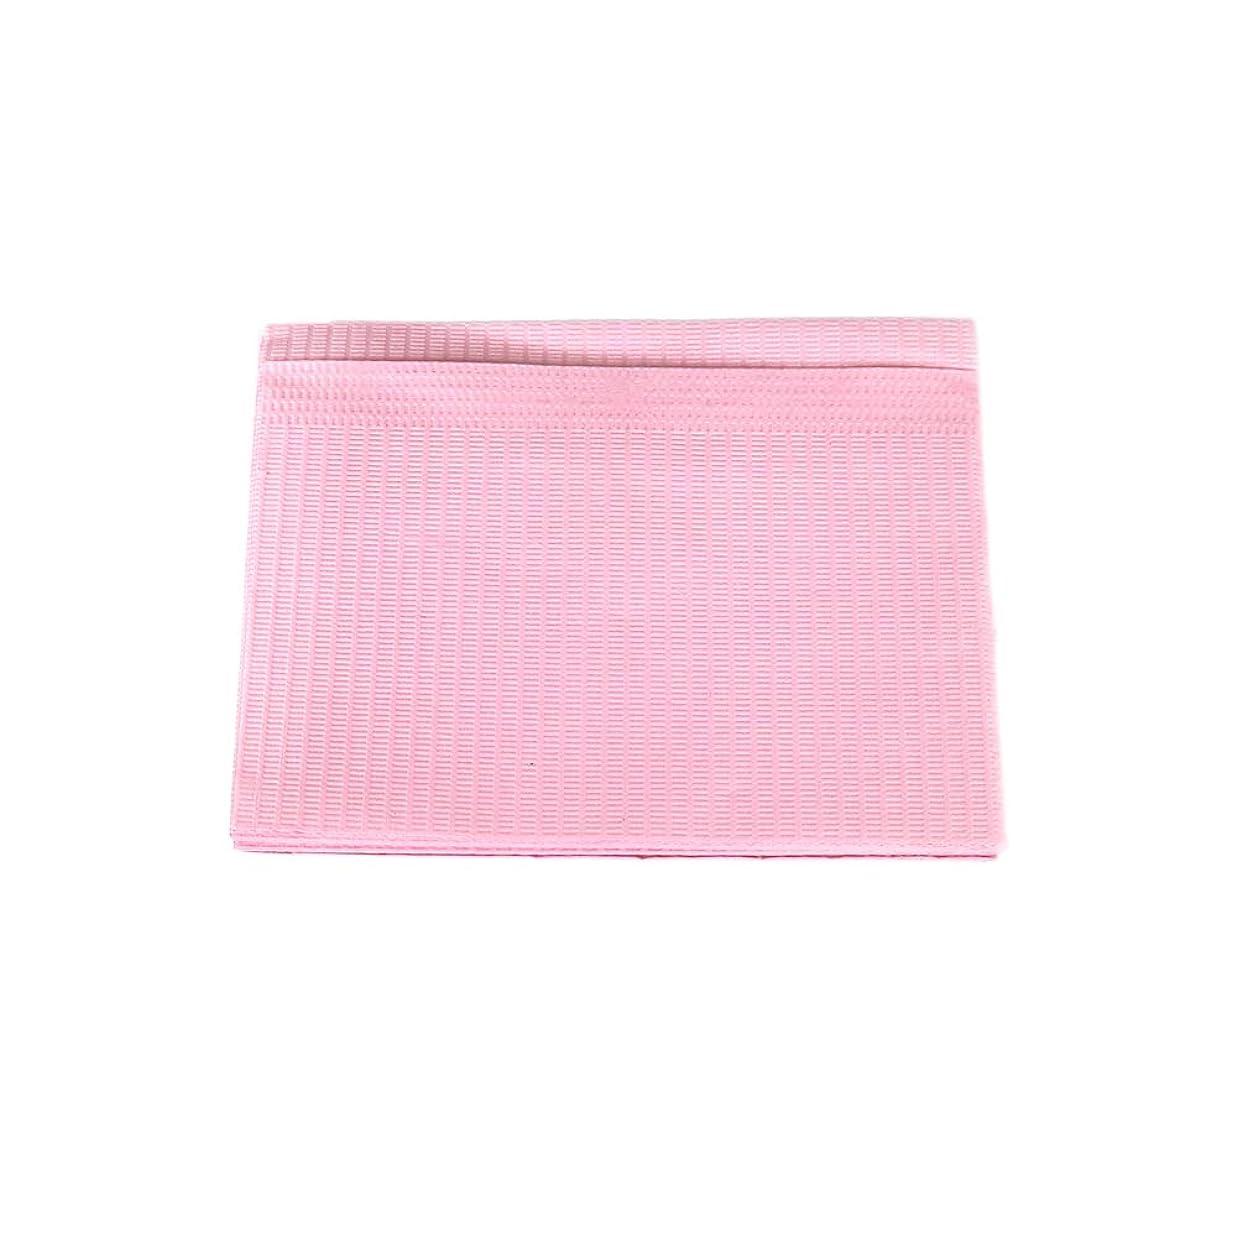 中止しますその後サルベージ防水ネイルペーパー ピンク 10枚入り ネイルシート 防水ペーパー キッチンペーパー